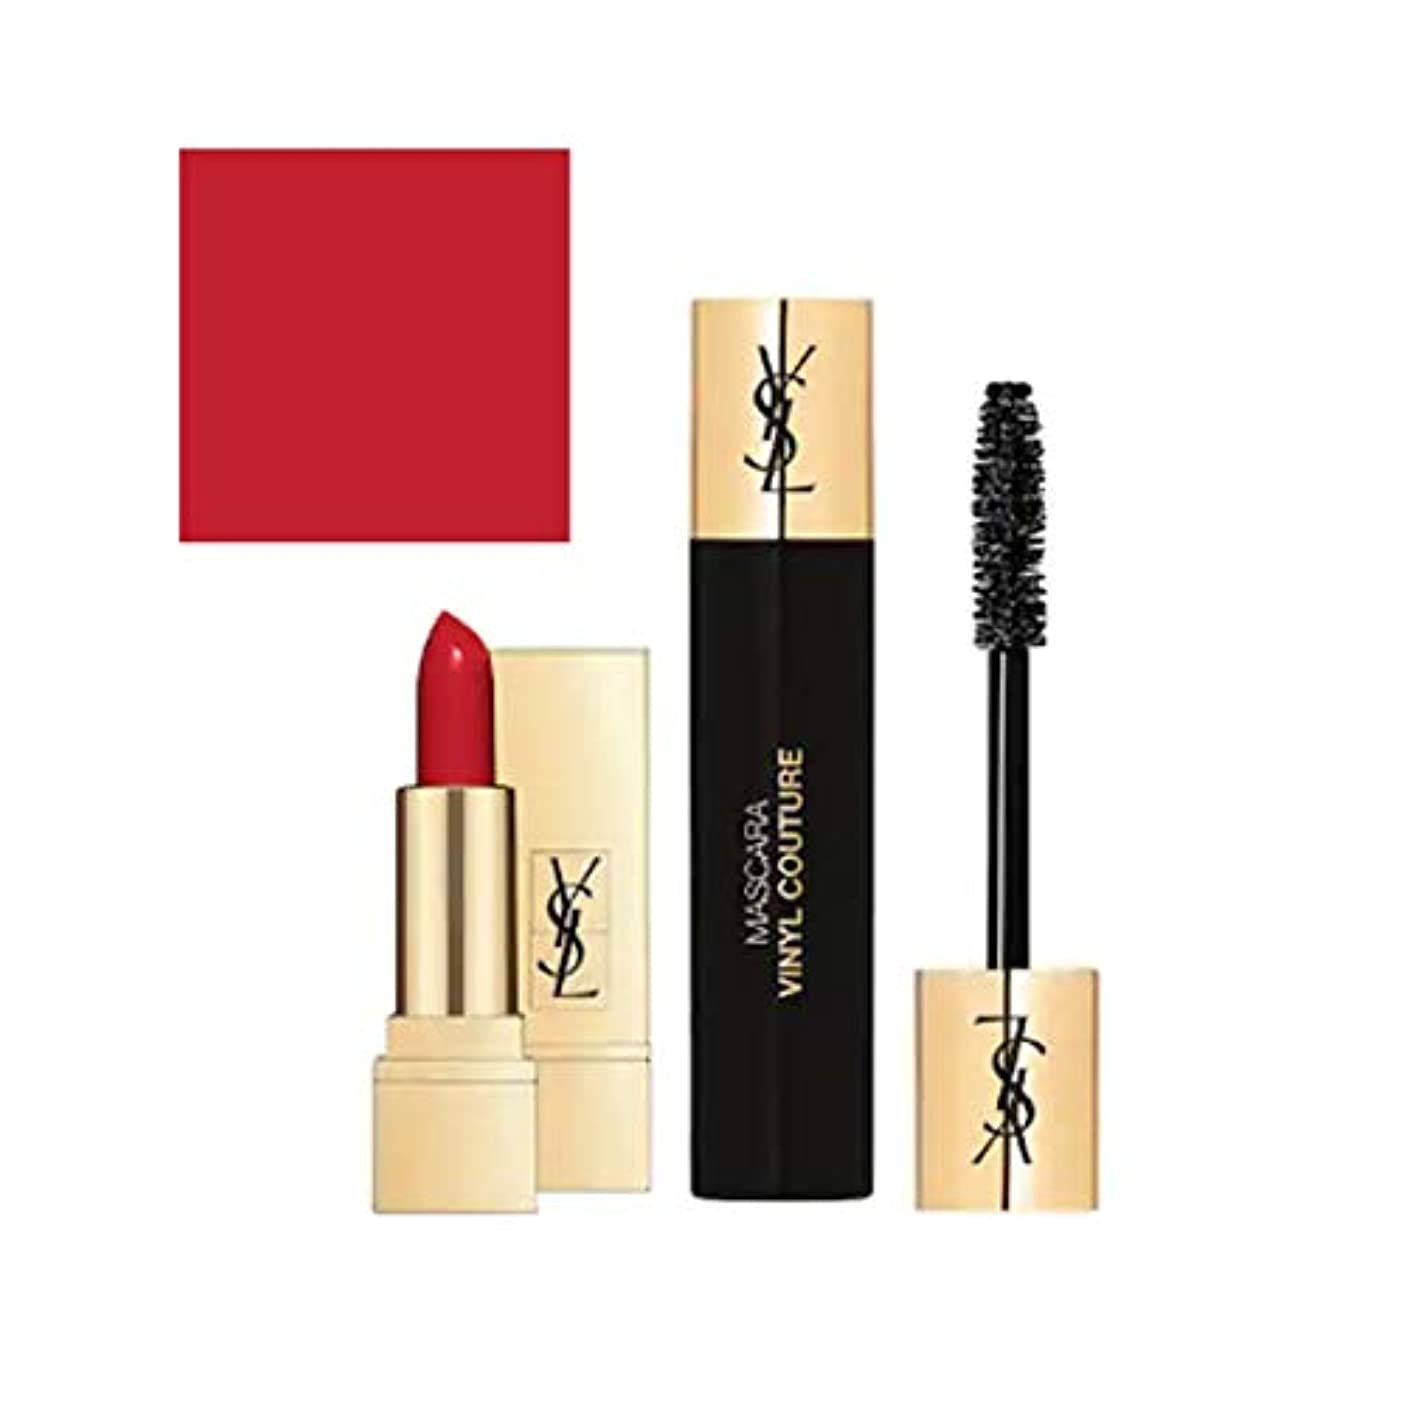 トラフィック手を差し伸べる連合Yves Saint Laurent(イヴサンローラン), Mini 2/ set - 1x Lipstick(1.6 g) & 1x Mascara(2ml) [海外直送品] [並行輸入品]